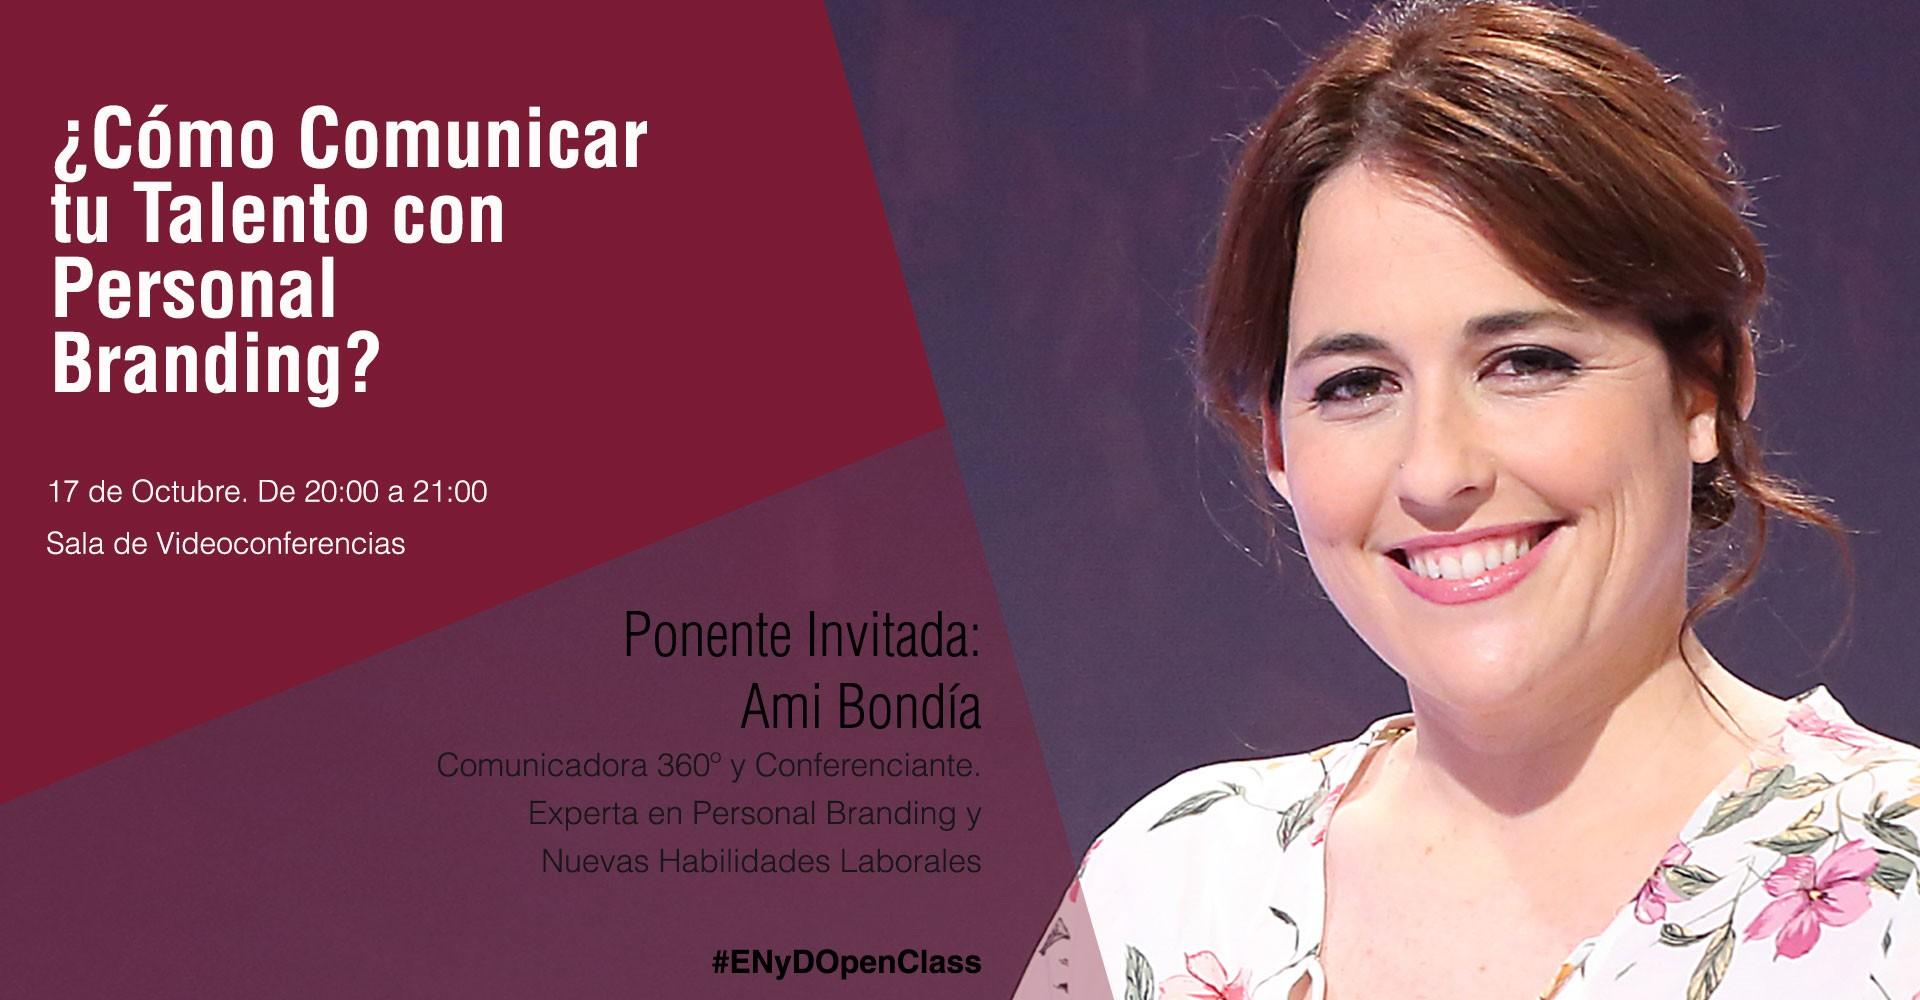 OpenClass de Ami Bondia